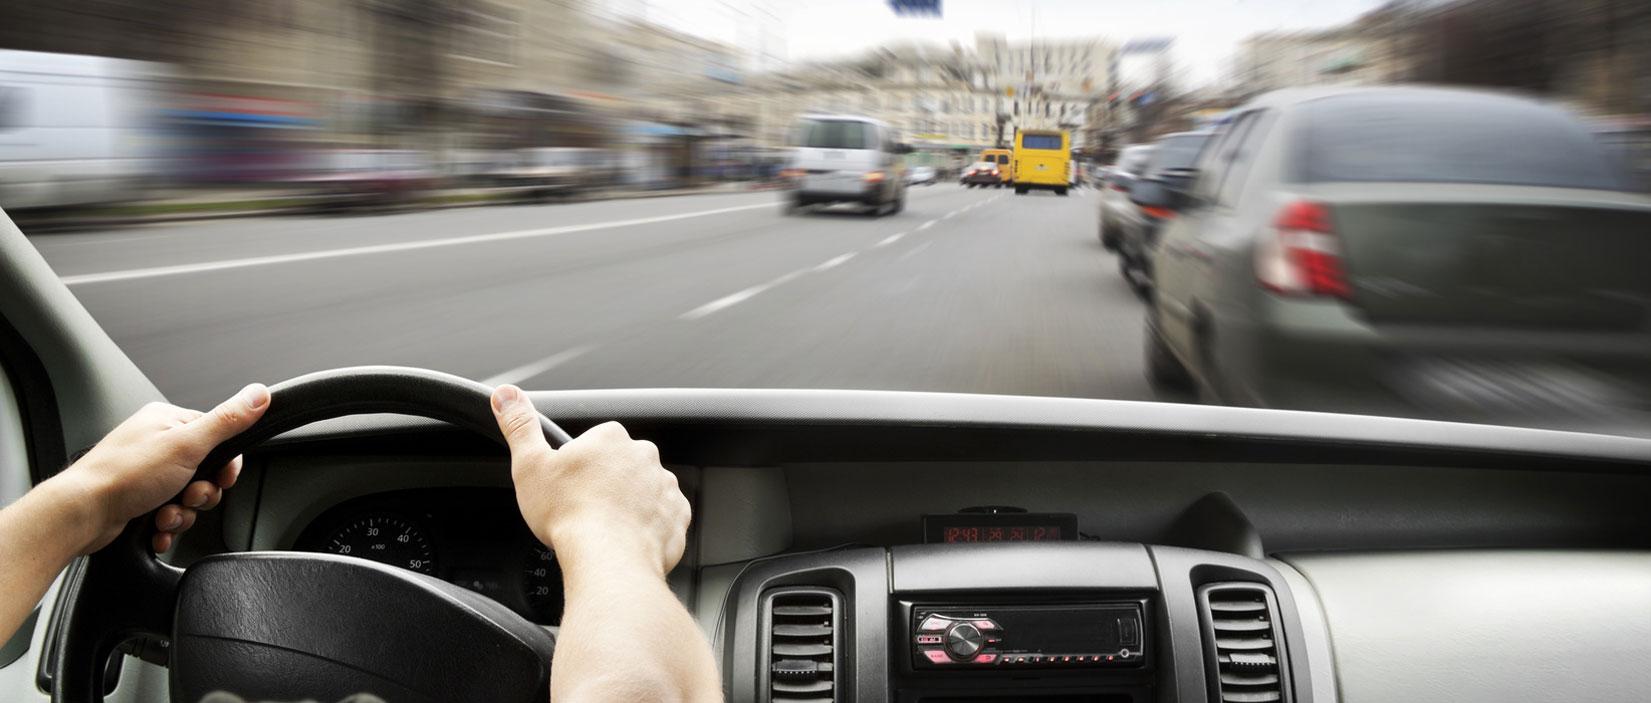 Motorlu Taşıt Vergisi ödemeleri için son gün 31 Ocak